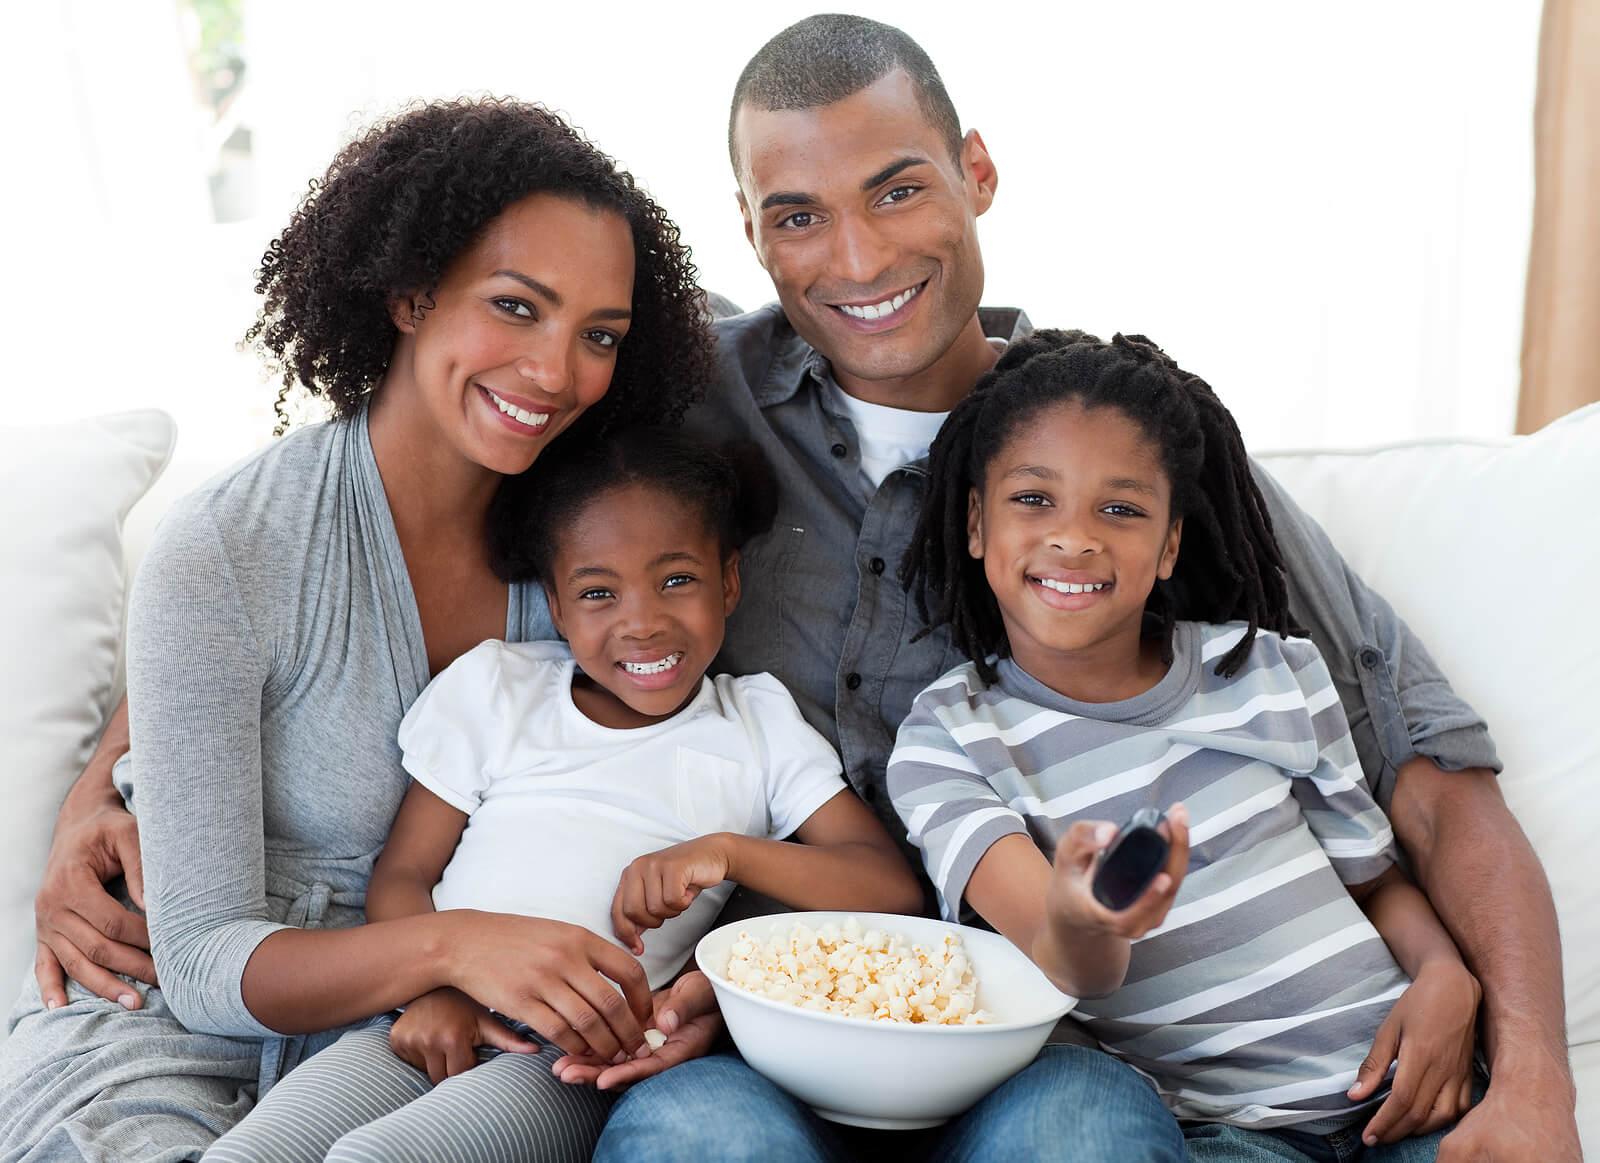 Padres con sus hijos viendo una película.